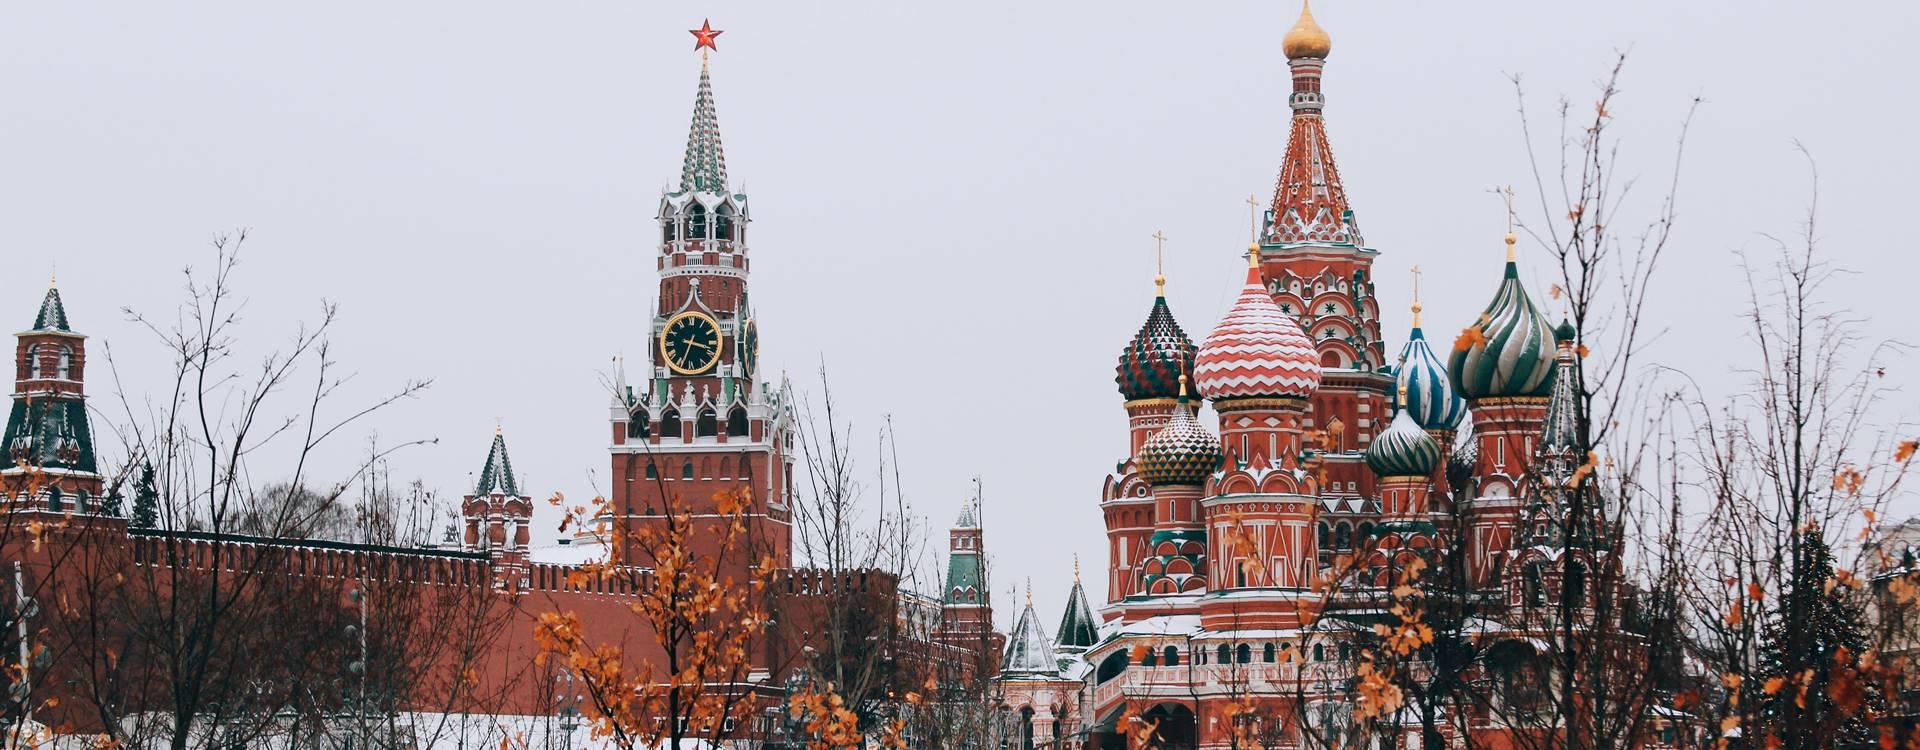 Объекты ЮНЕСКО в России: обзор наиболее значимых природных и культурных мест